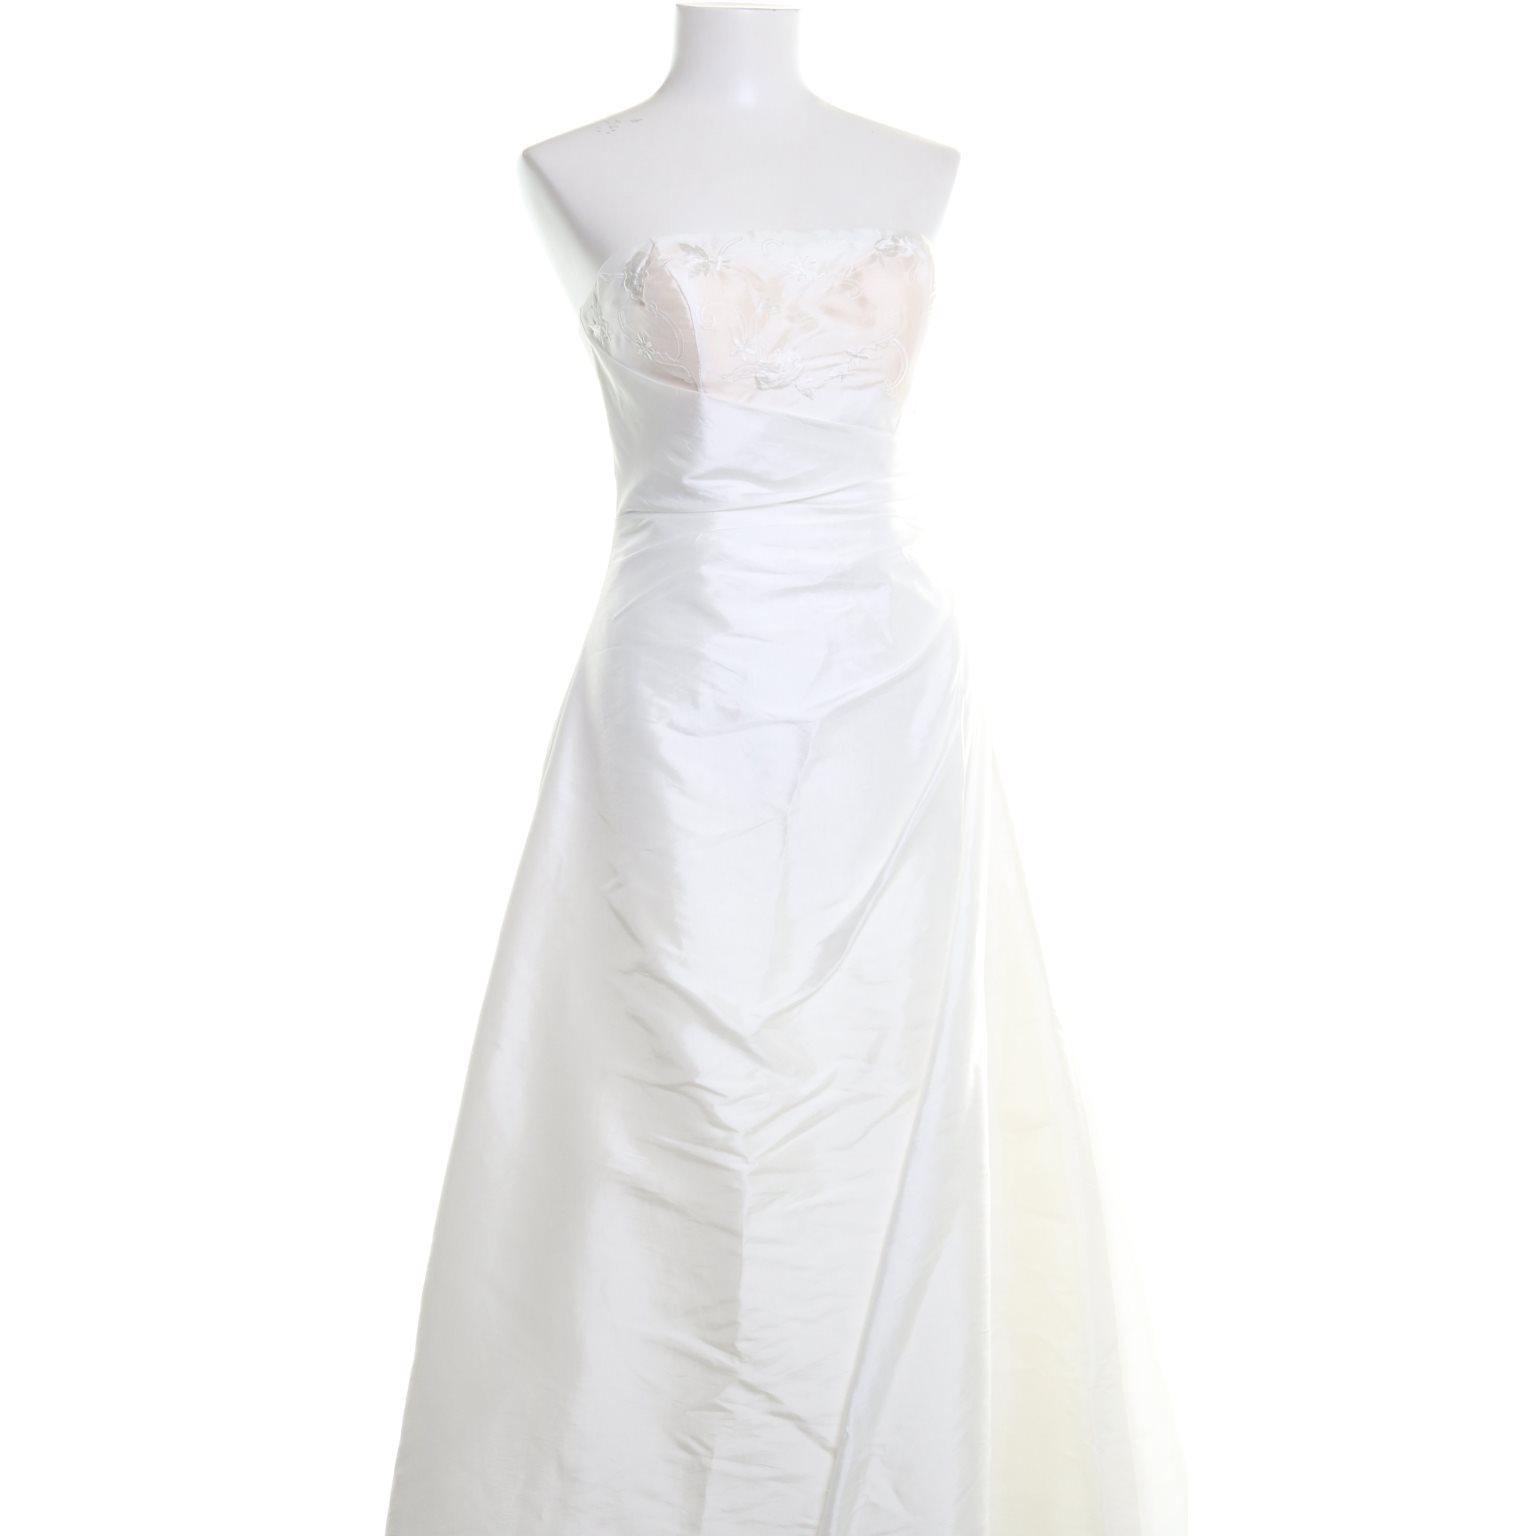 6b75c43cade7 Brudklänning, Strl: 34, Vit (336218906) ᐈ Sellpy på Tradera